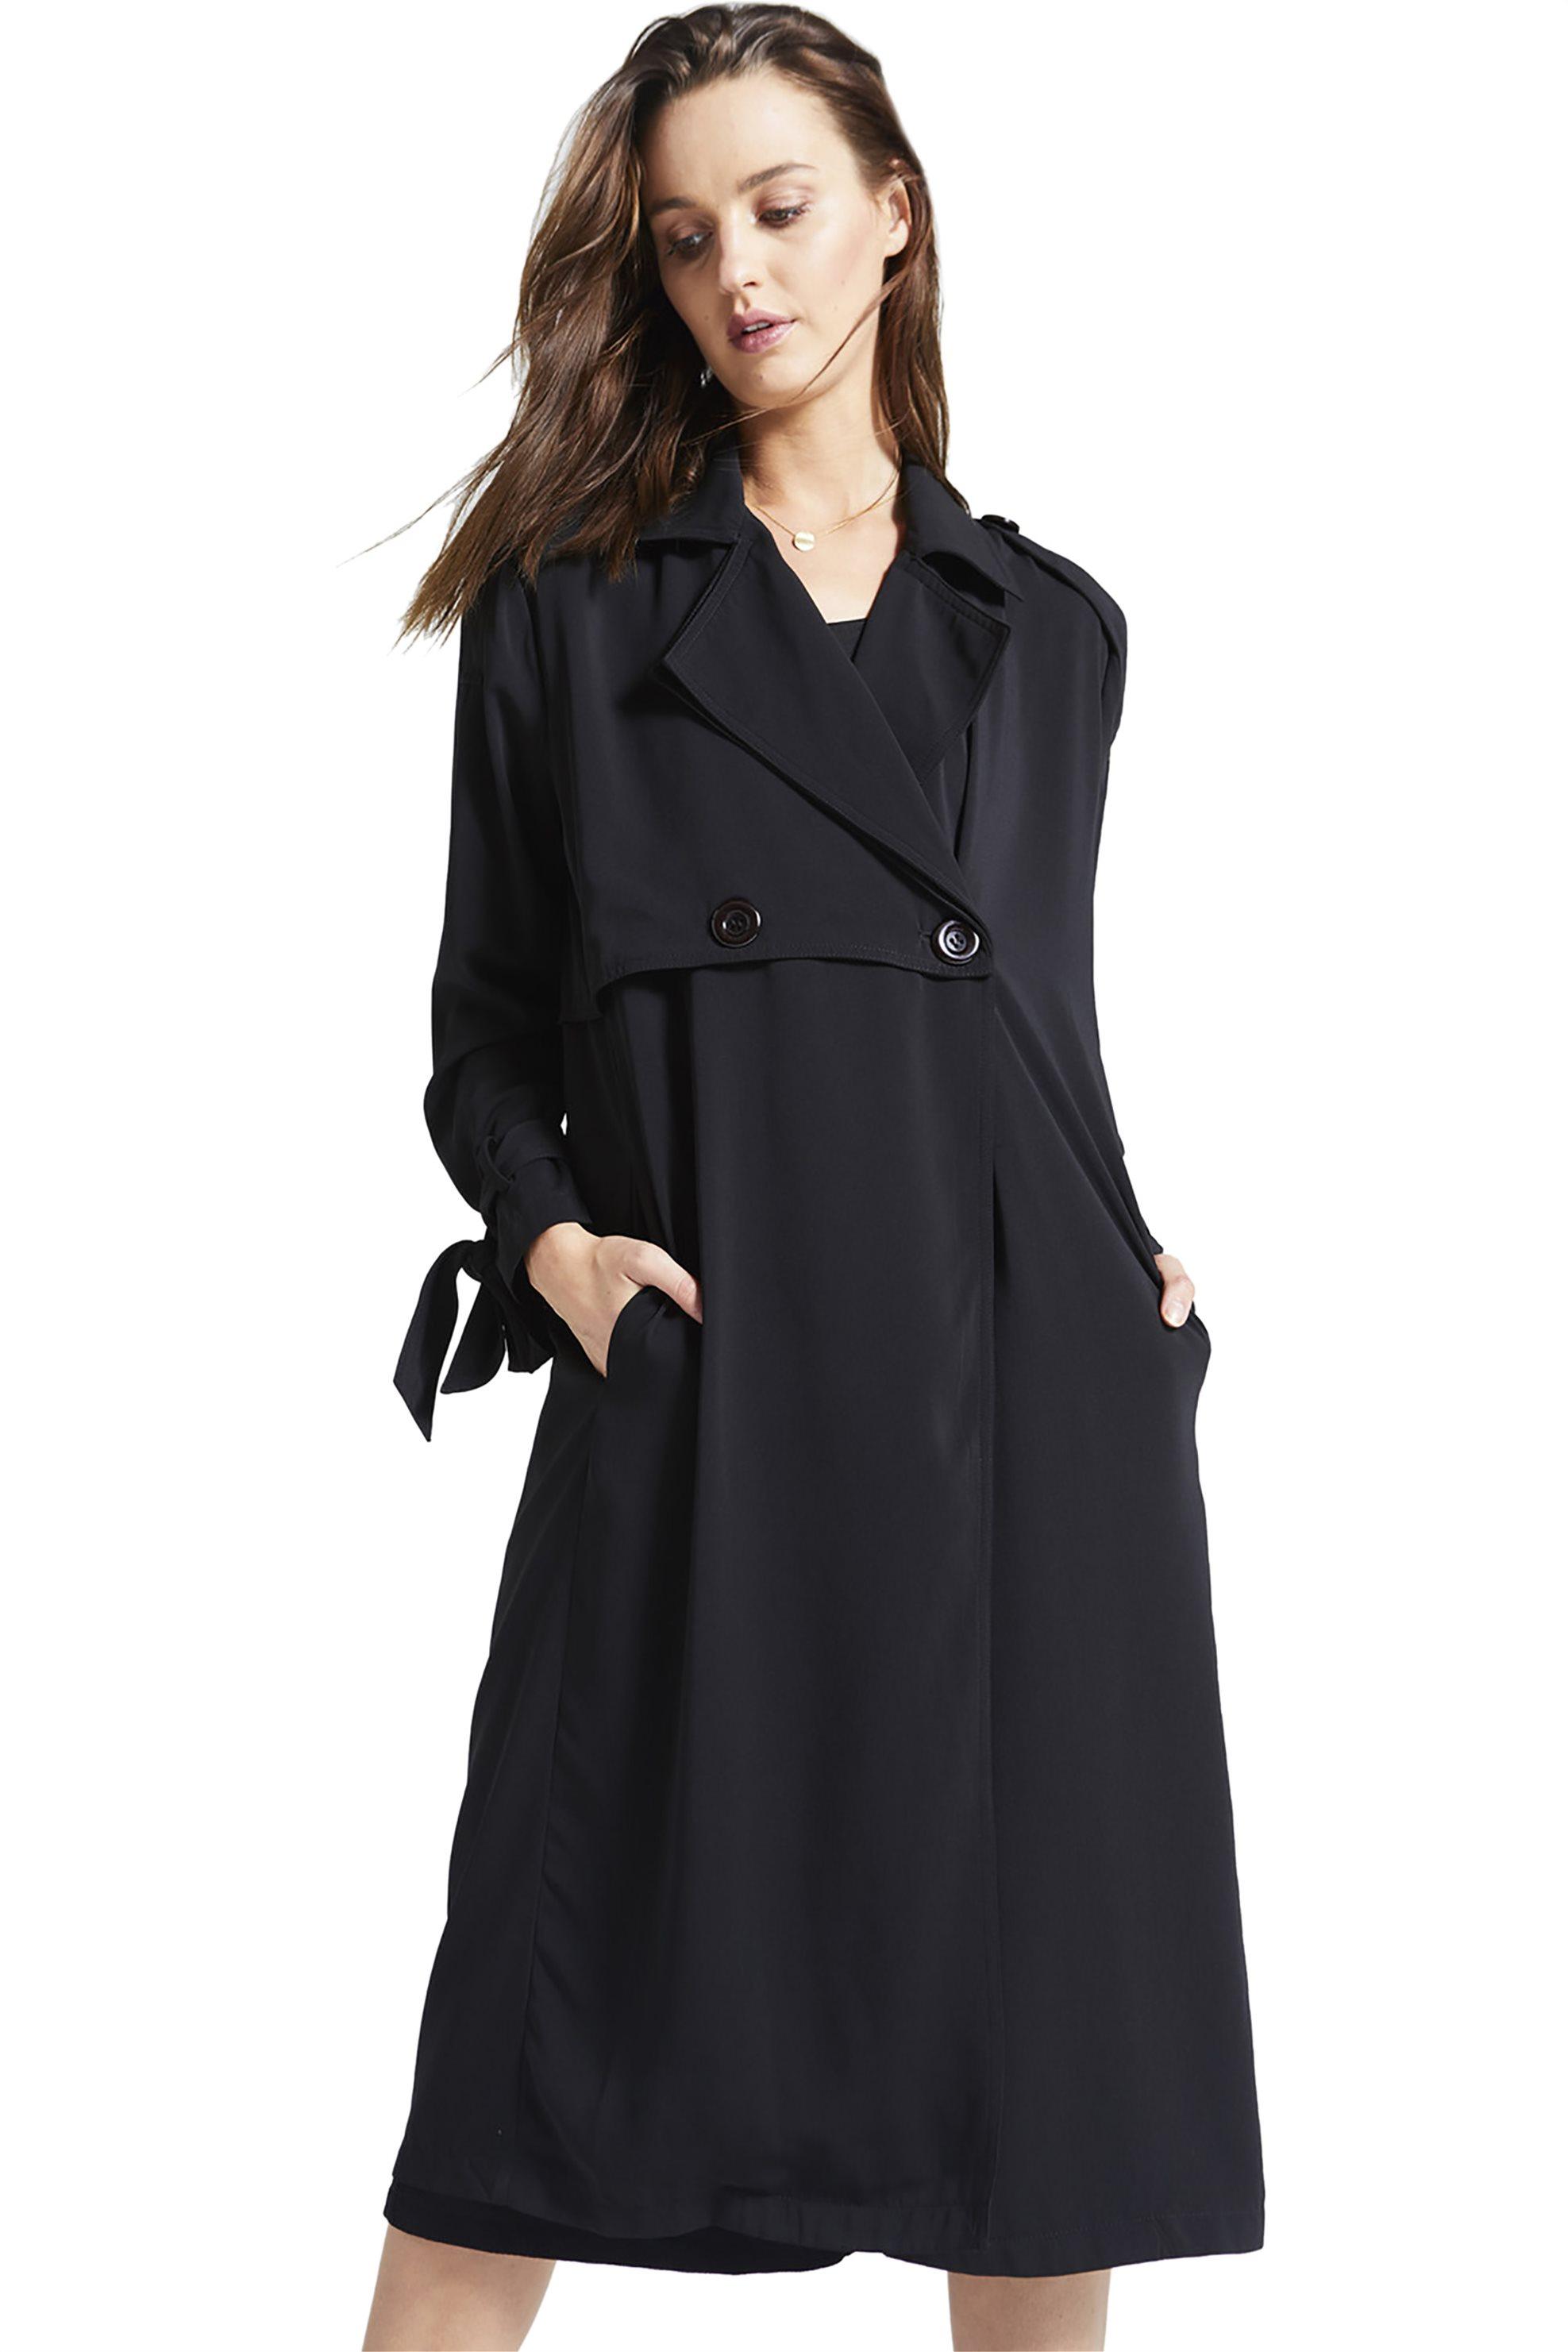 Γυναικεία   Ρούχα   Πανωφόρια   Καπαρτίνες   Γυναικεία καμπαρντίνα ... bc547867c73